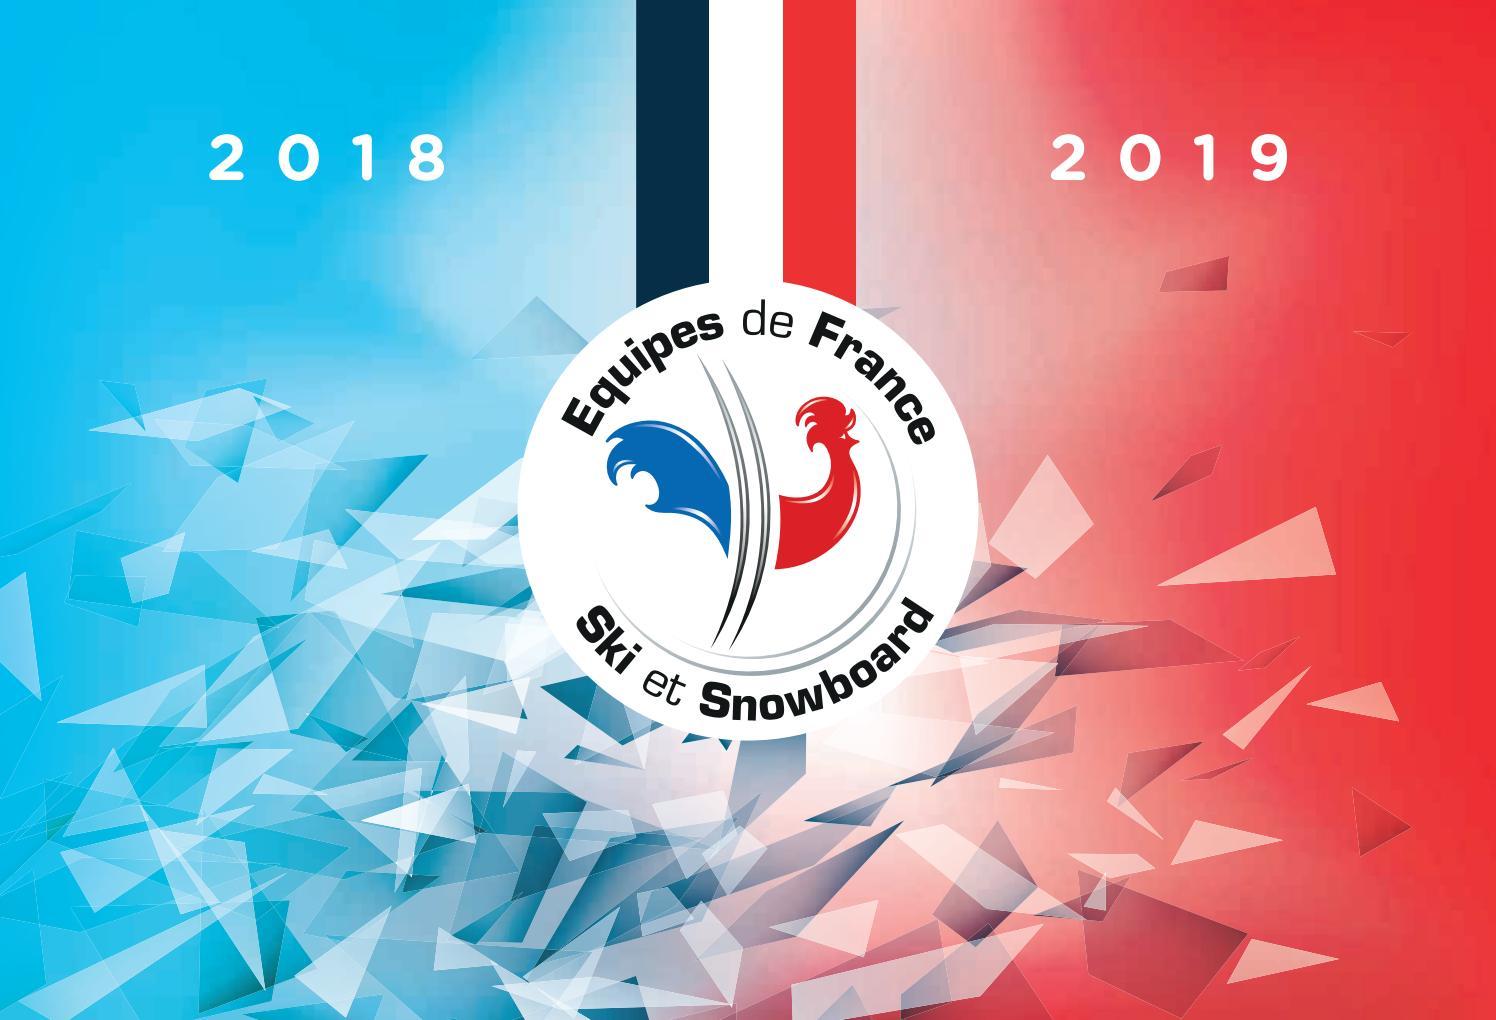 Plaquette des Equipes de Ski et de Snowboard 2018 2019 by